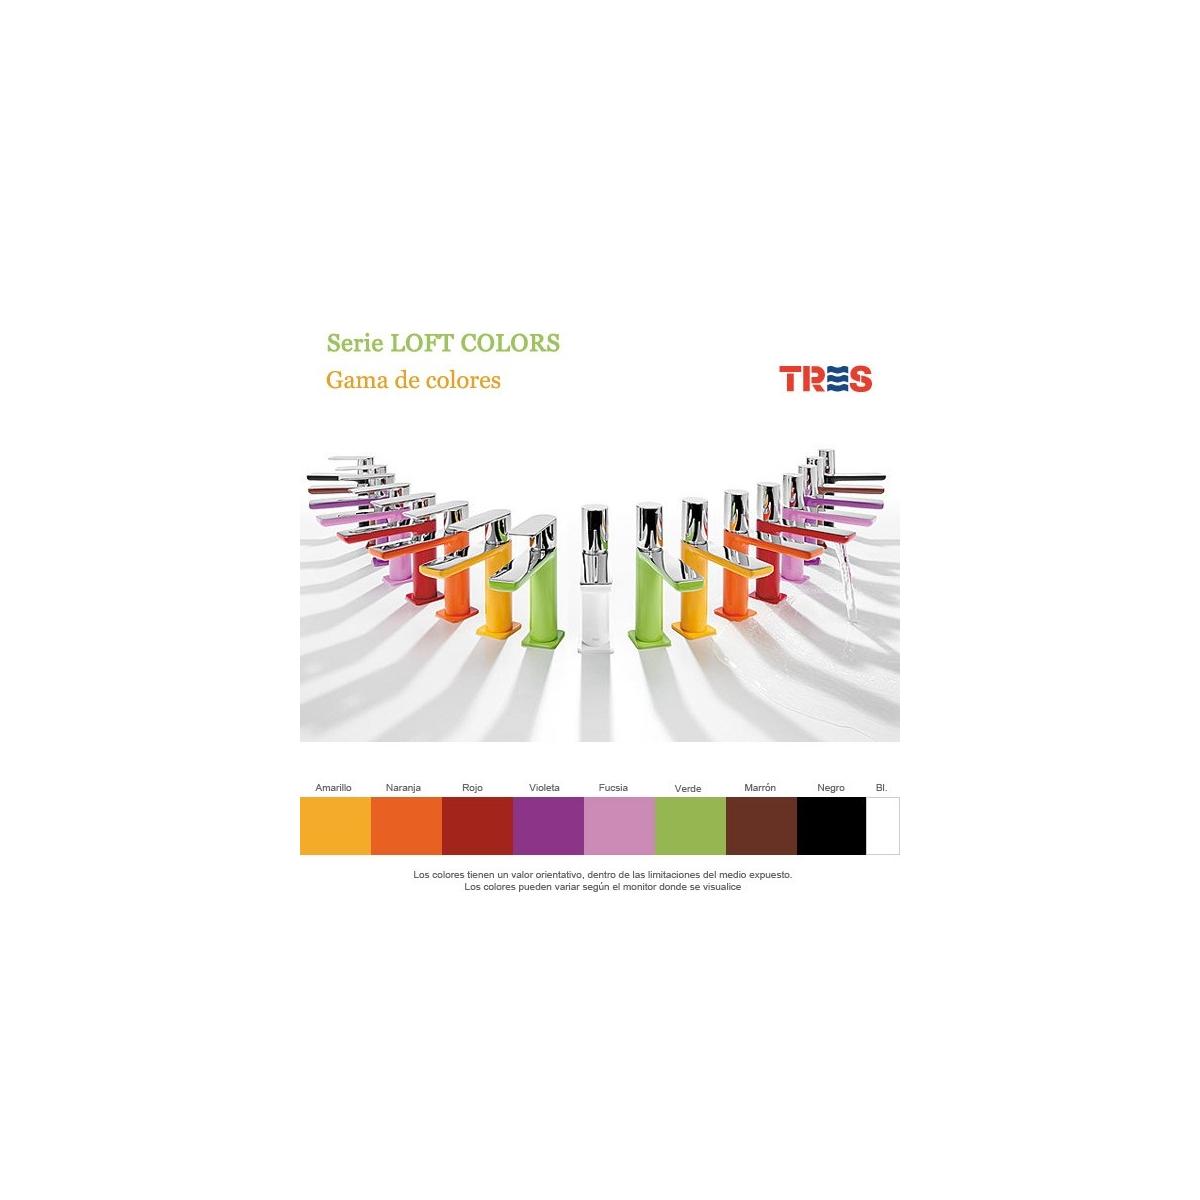 Monomando lavabo loft colors - Loft Colors